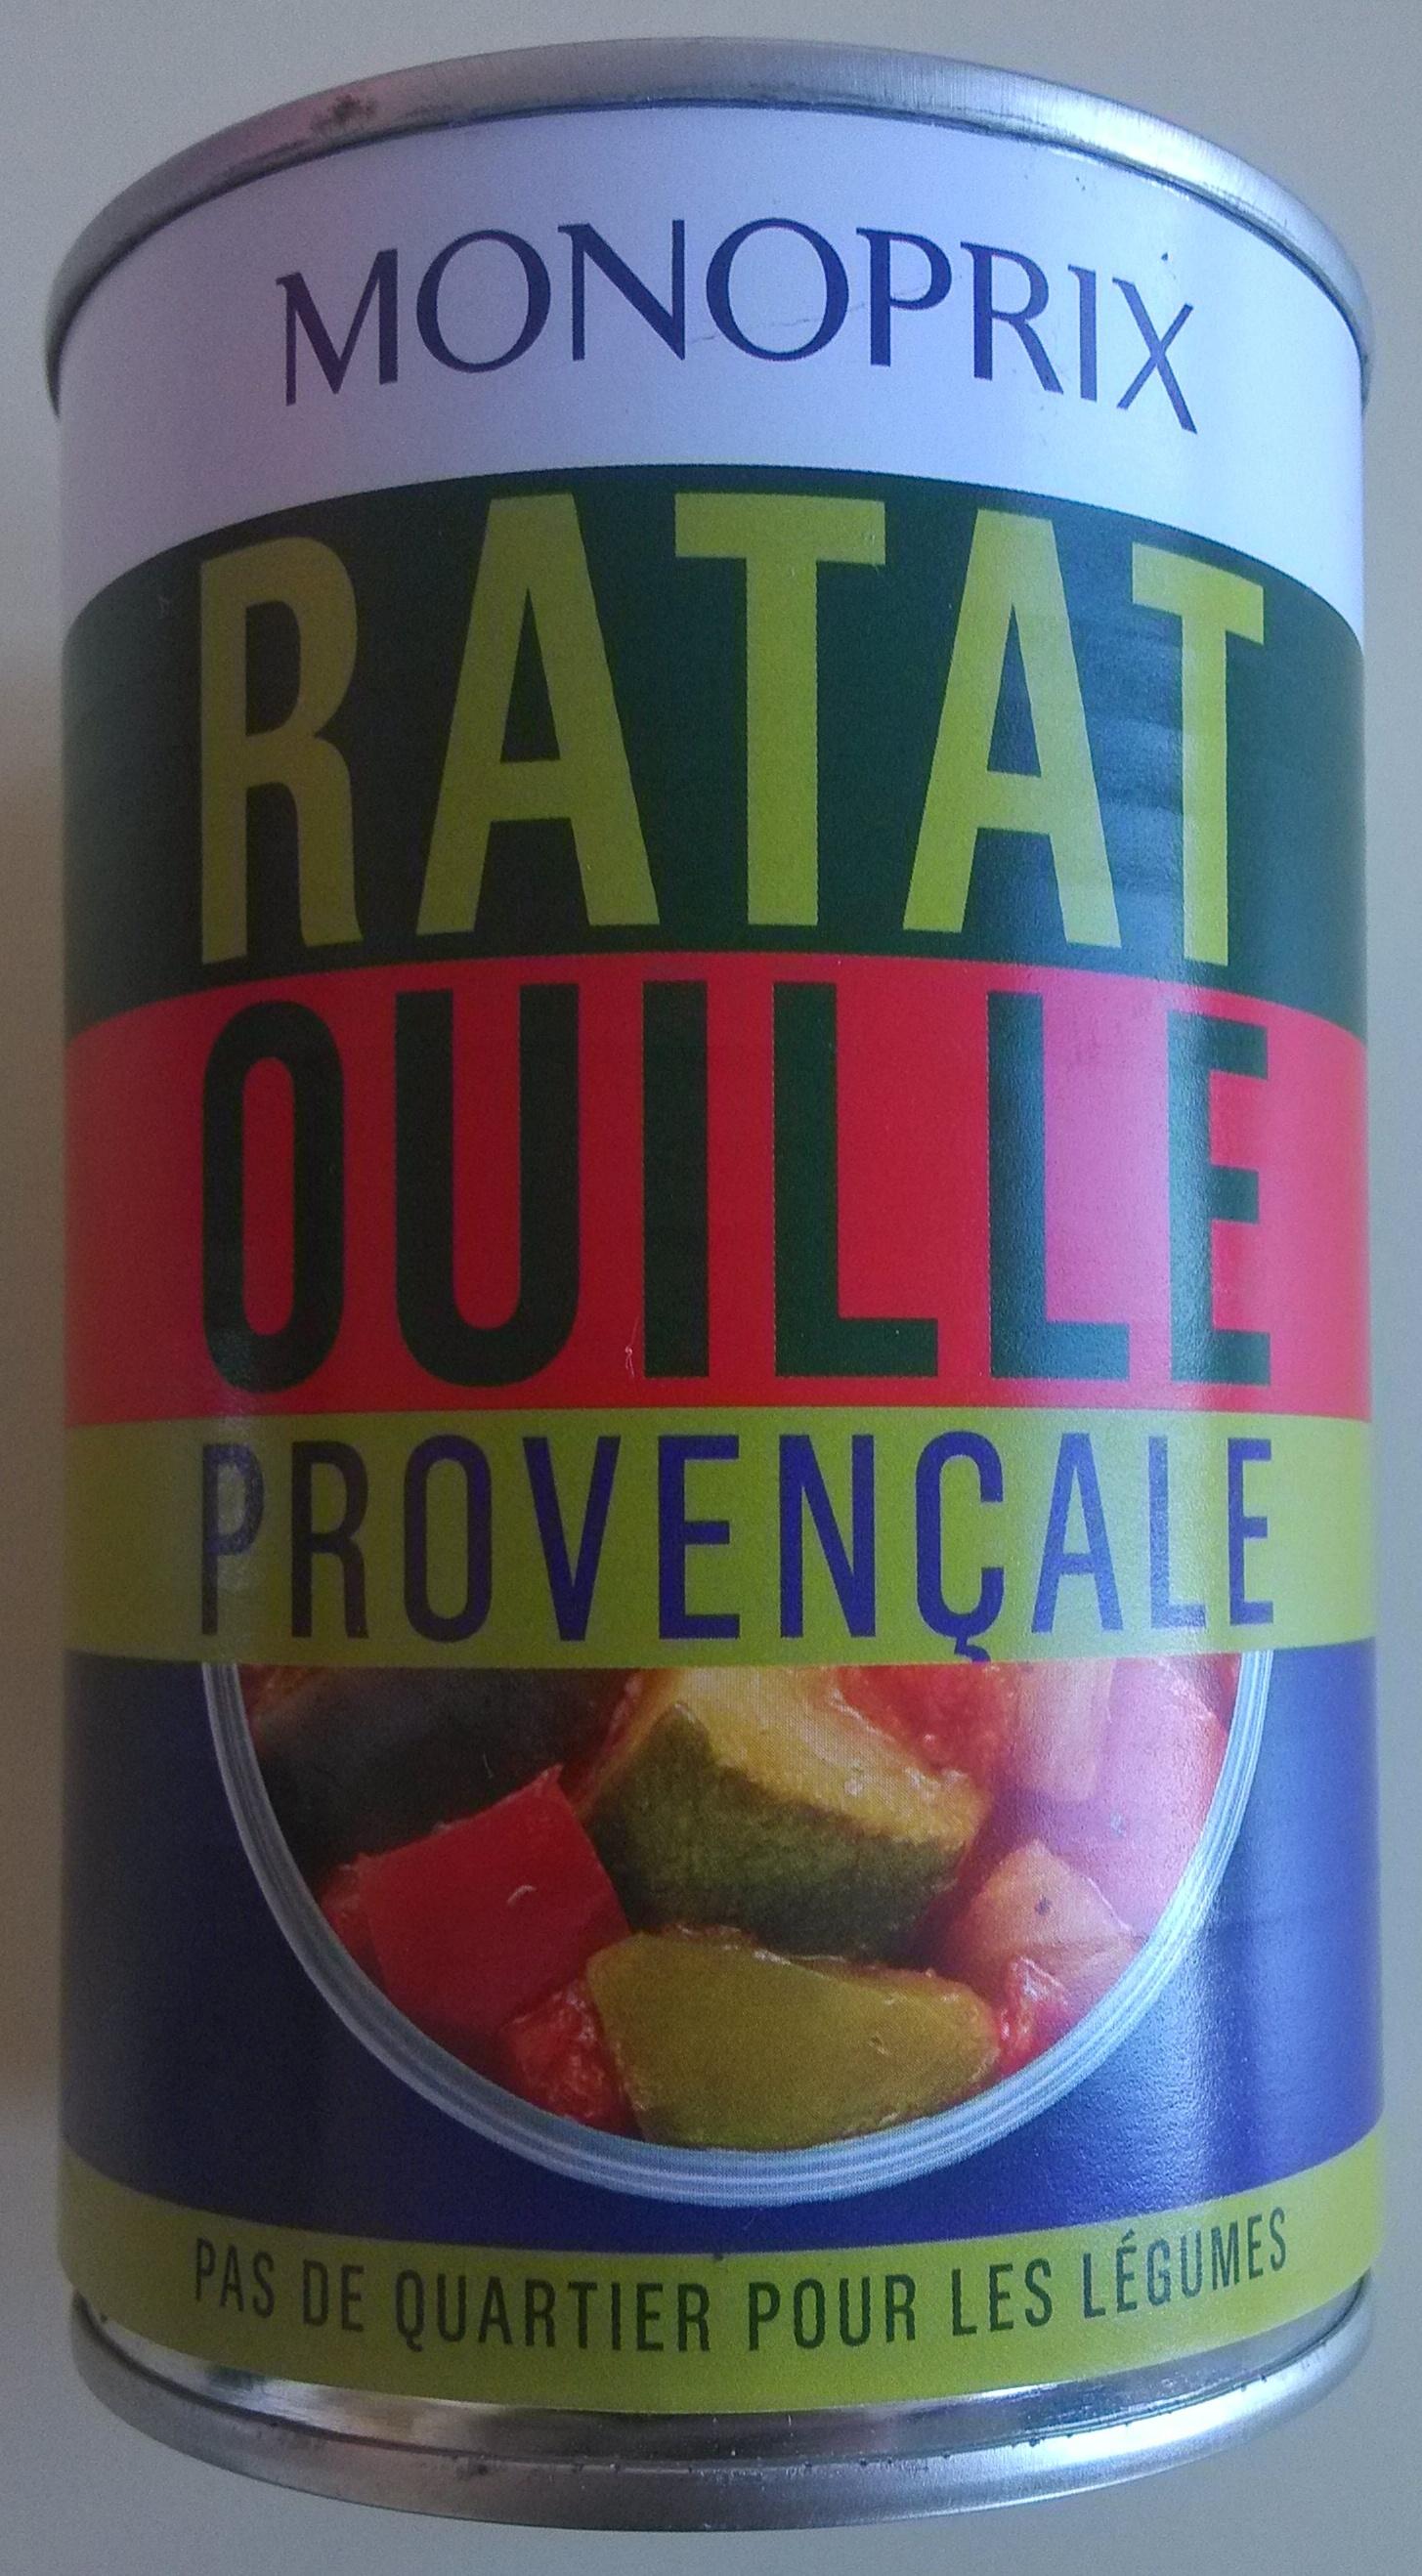 Ratatouille Provençale - Product